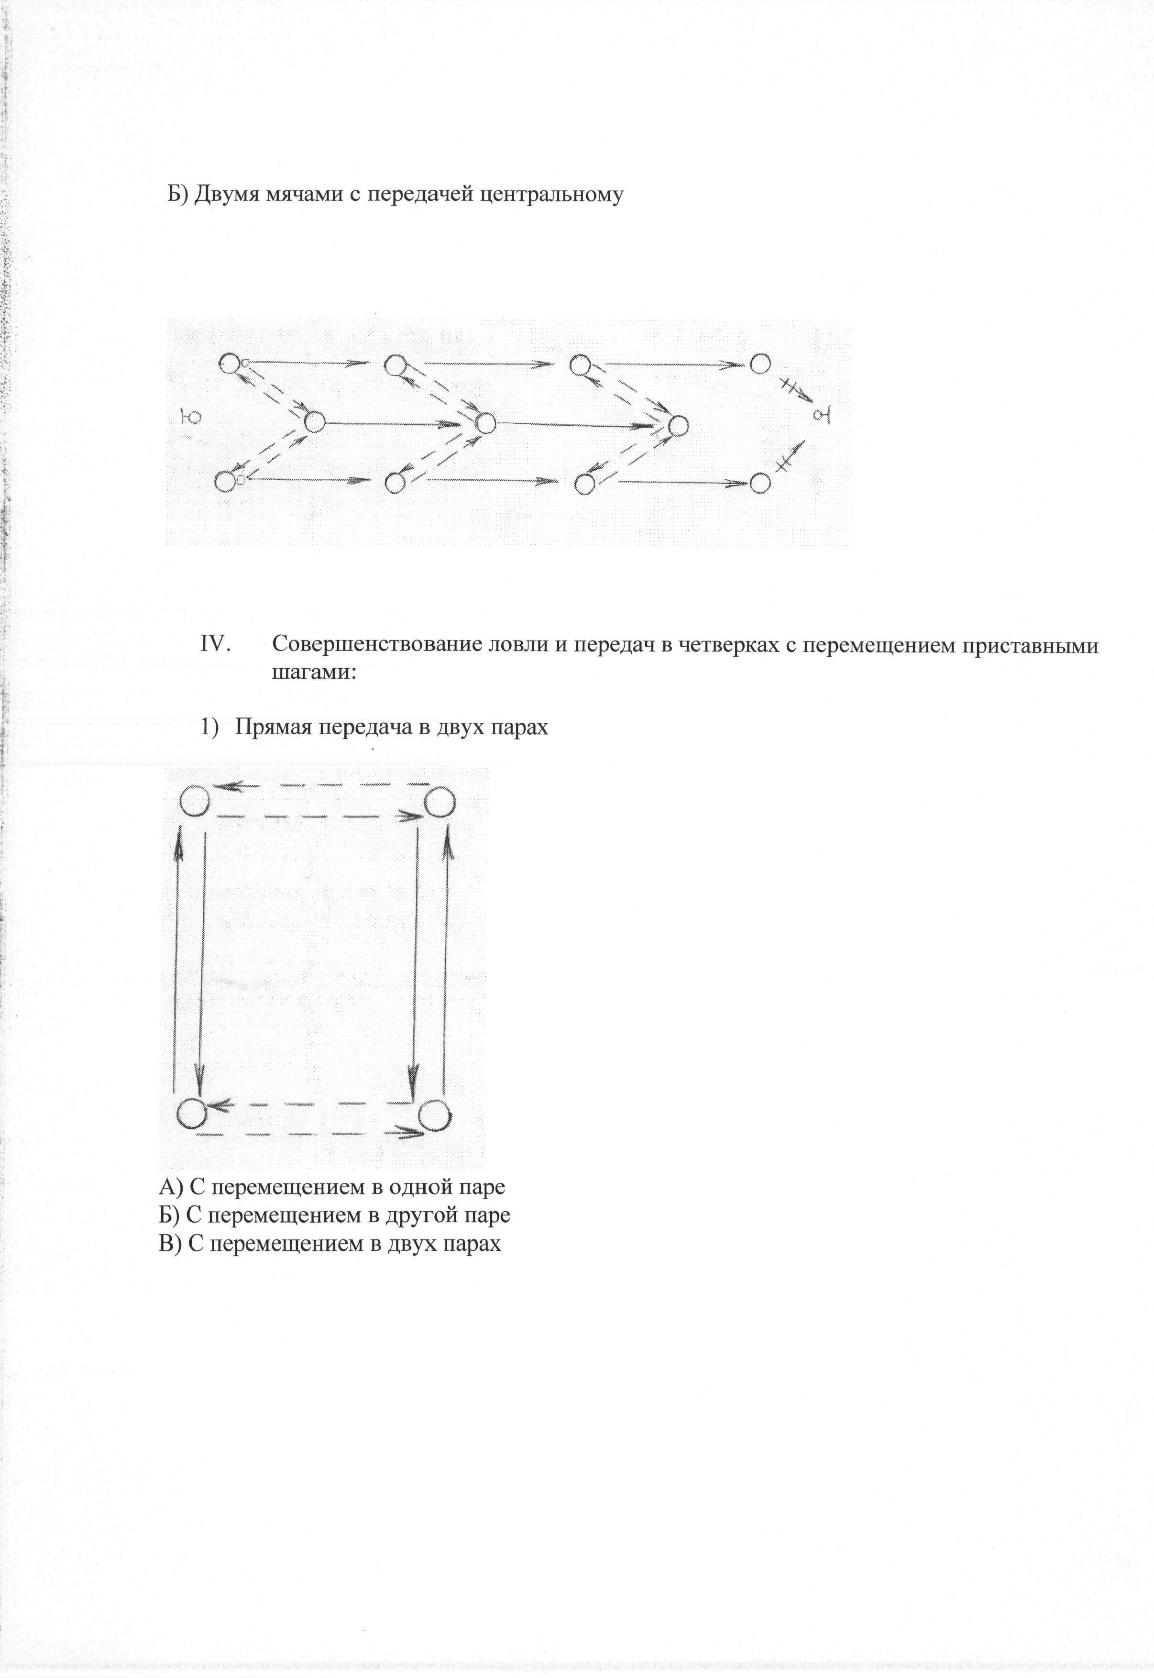 D:\Мои документы\Школа\Портфолио учителей\Новая папка\Сканер\мастер0032.jpg